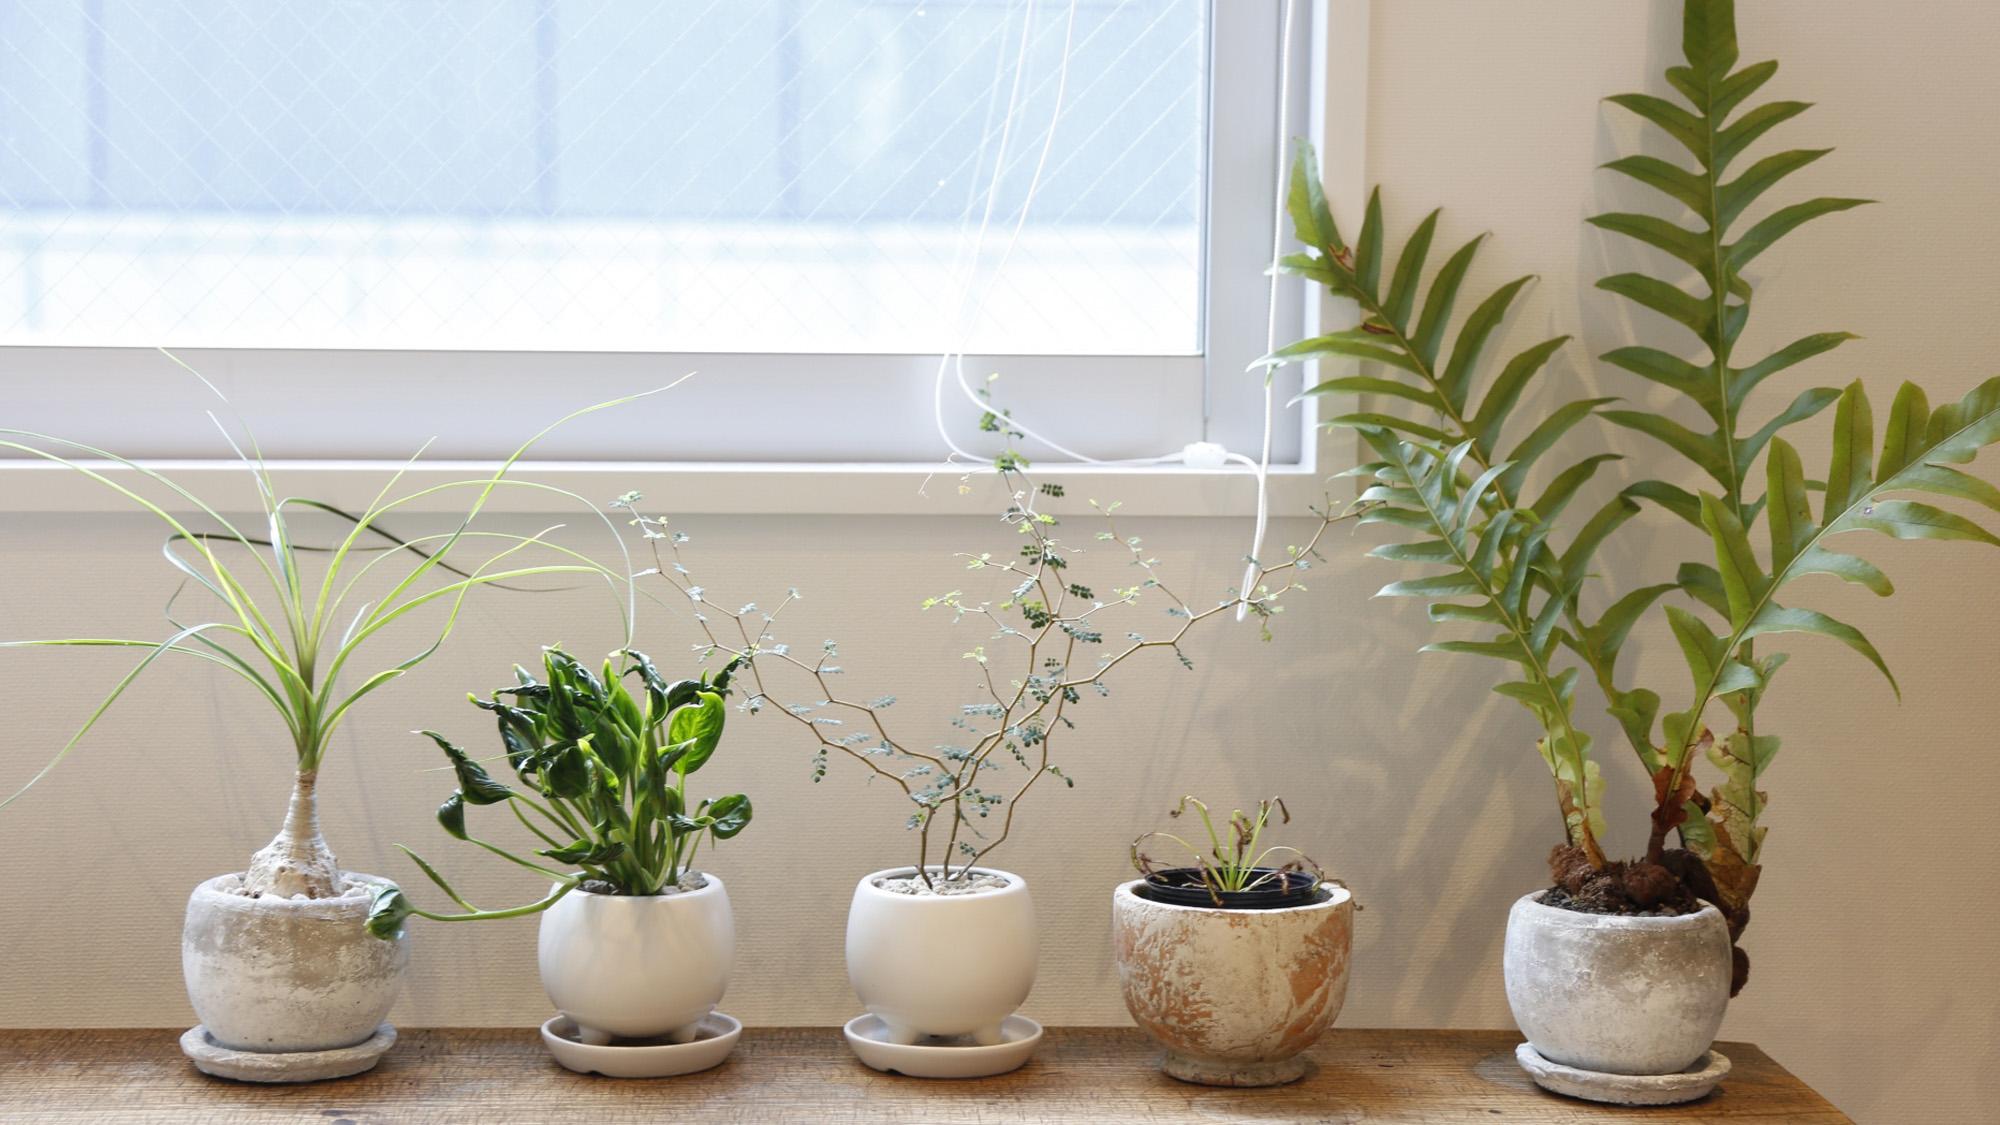 室内向け観葉植物でマンションライフに彩りを!室内観葉植物の選び方